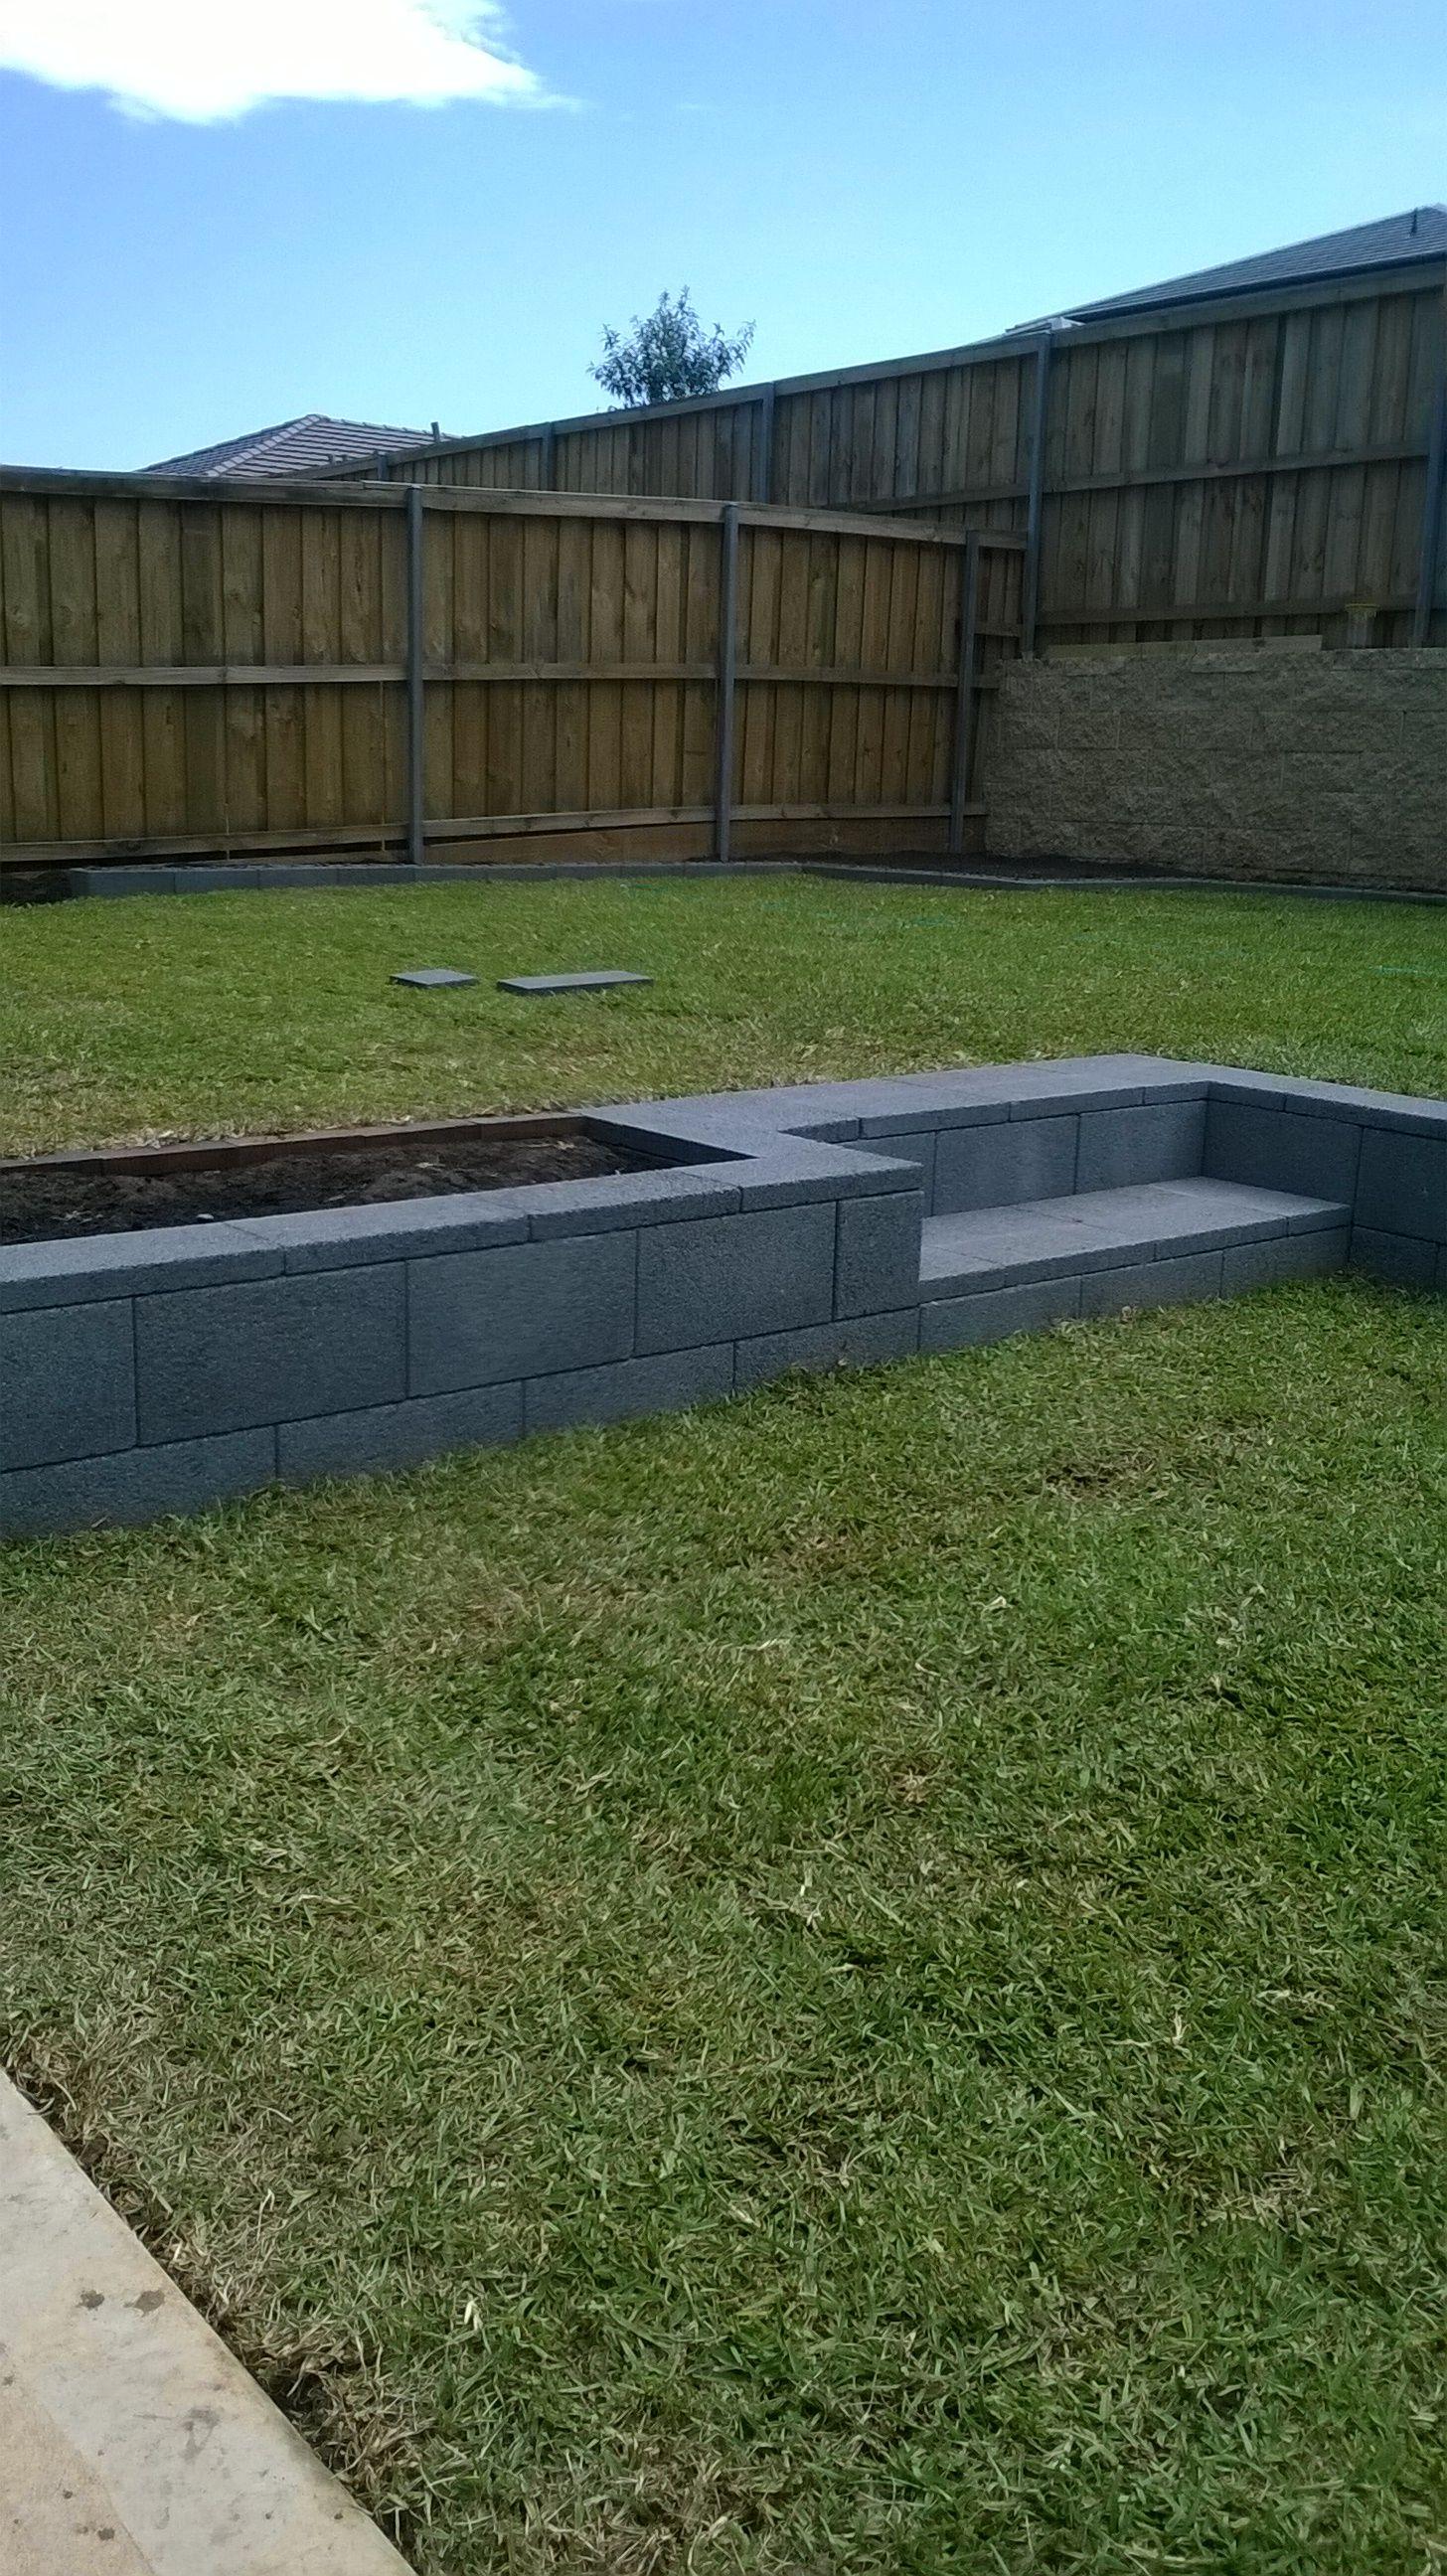 Versastone Retaining Wall Blocks Landscape Edging Modern Garden Design Brick Garden